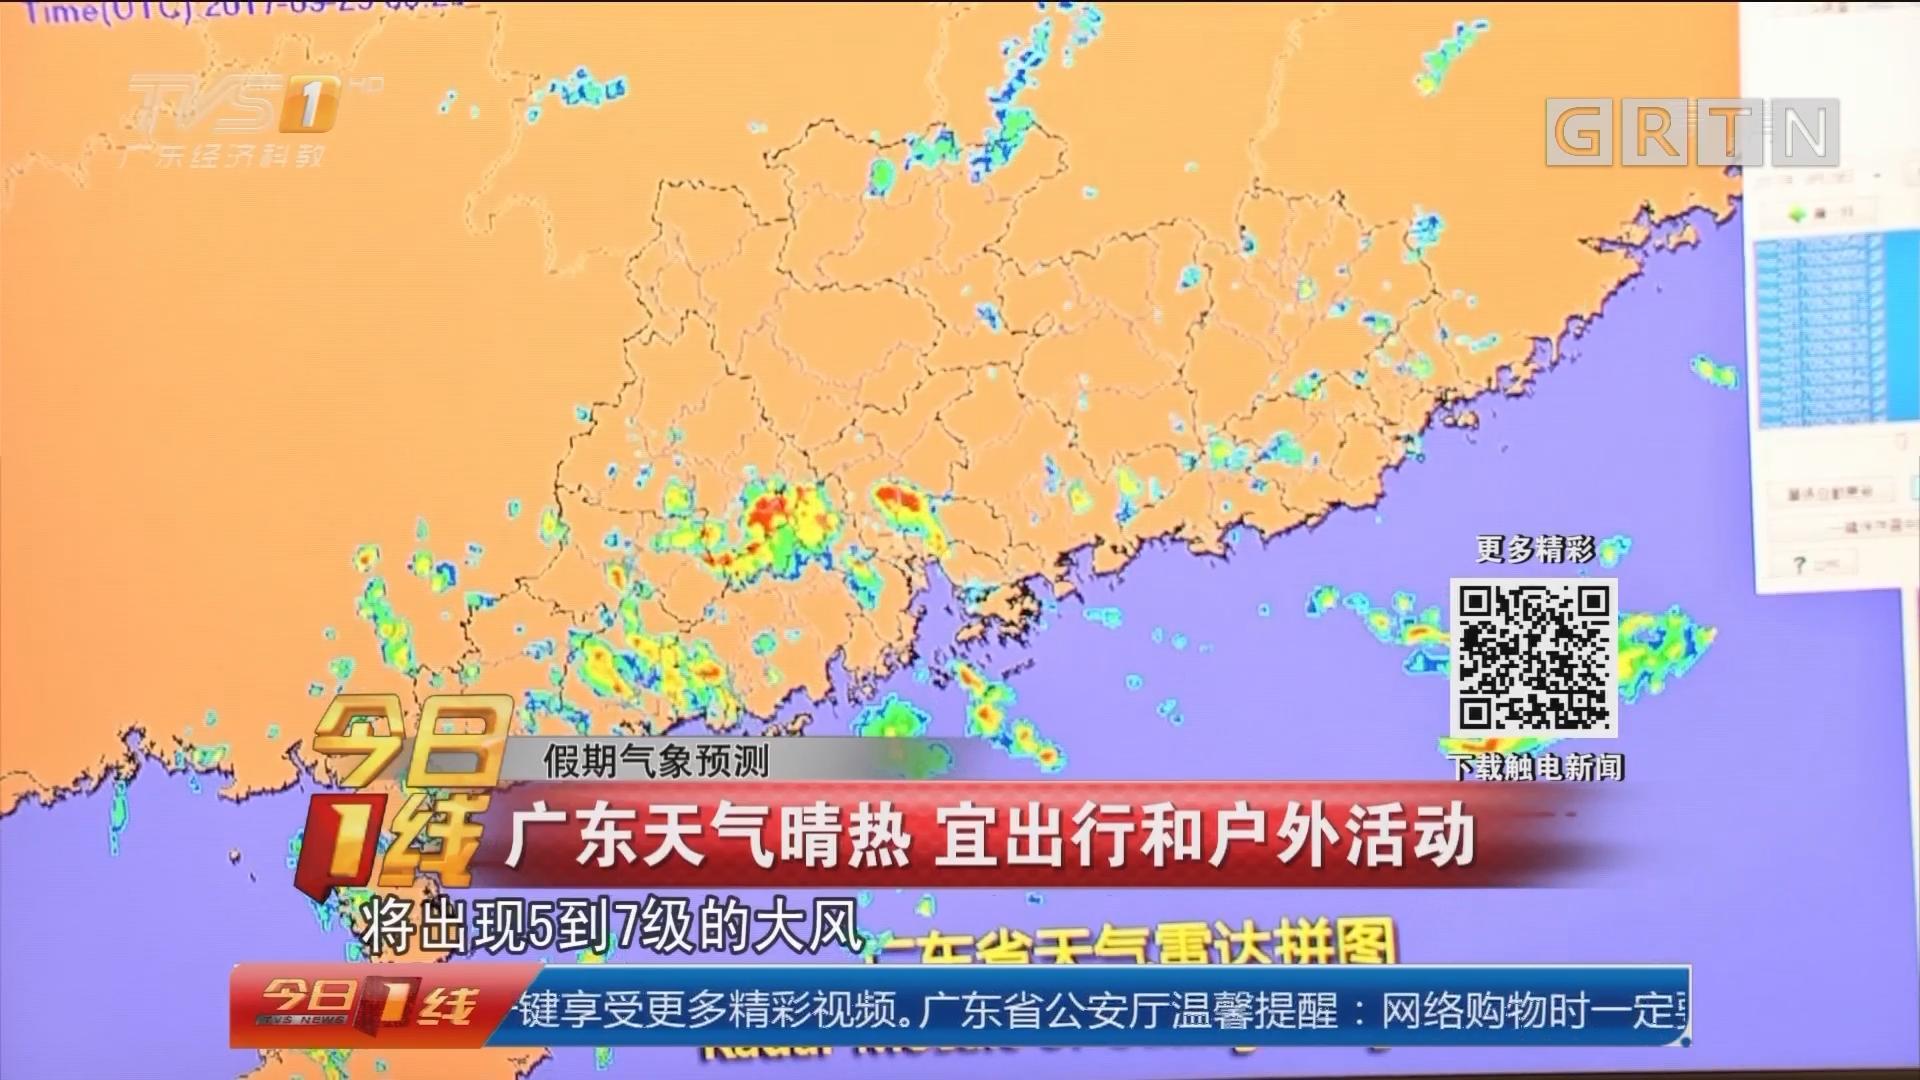 假期气象预测:广东天气晴热 宜出行和户外活动